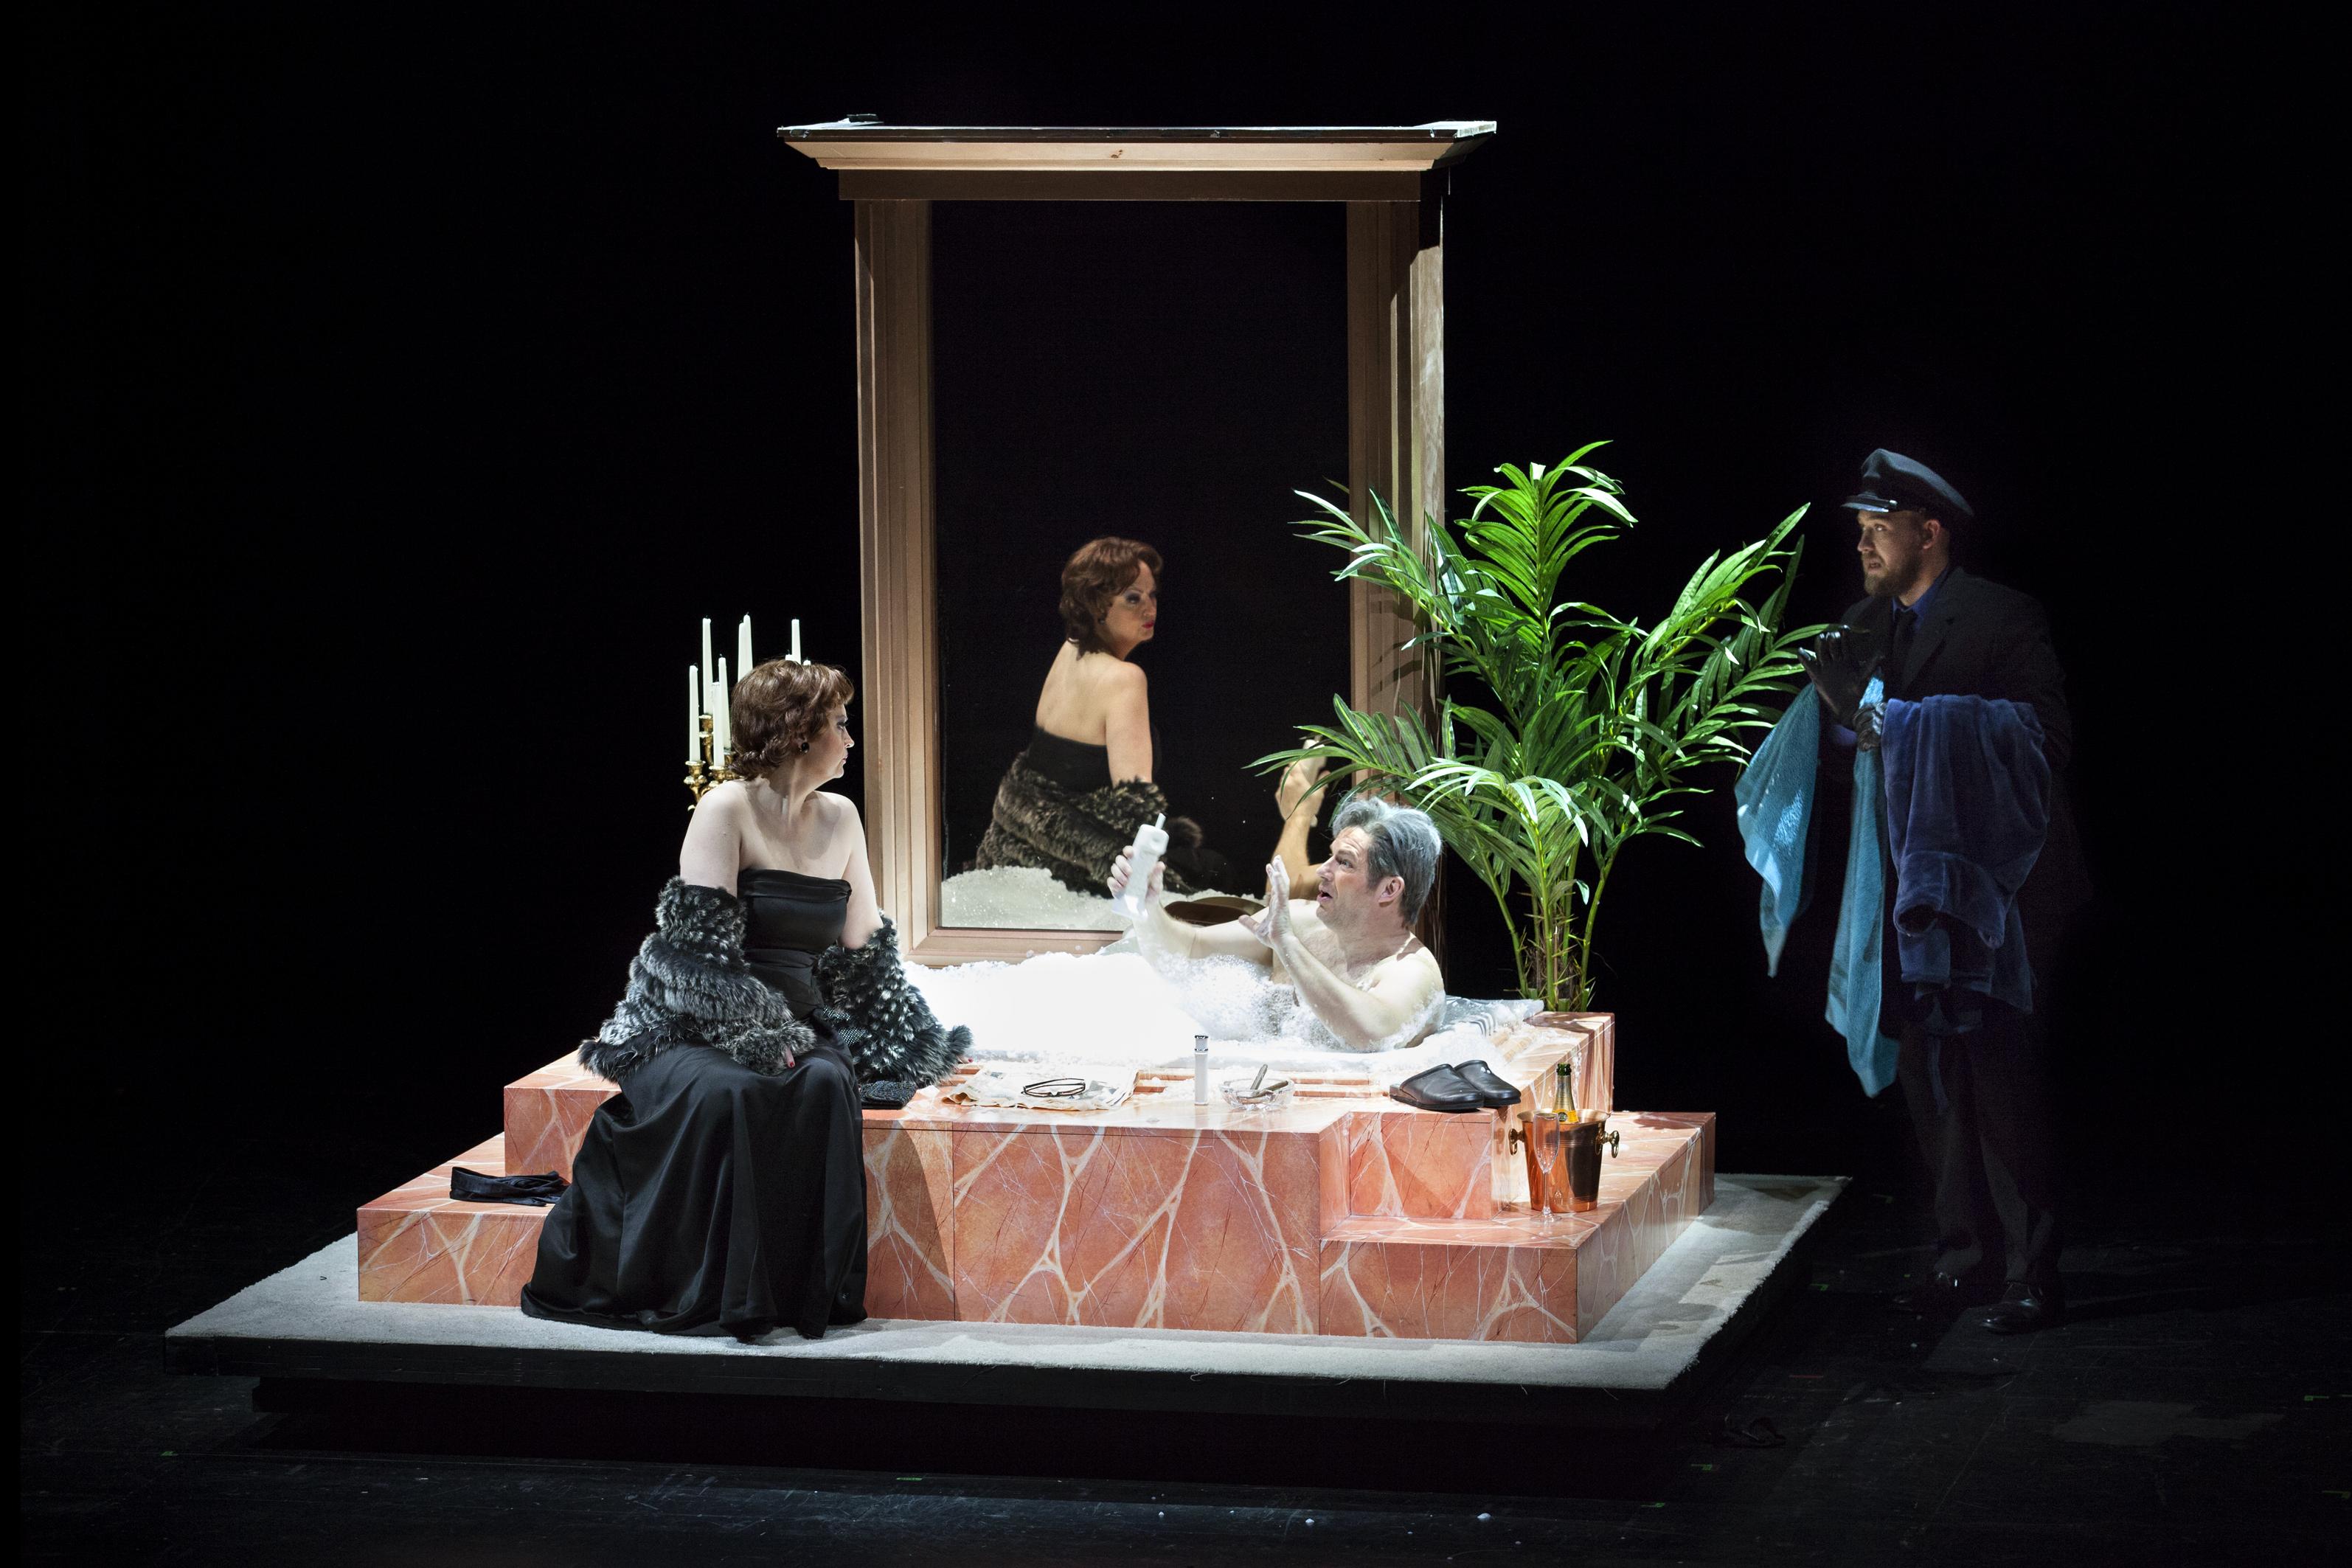 Crítica: Midsummer Night's Dream, una nueva producción Irreprochable musical y escénicamente en Berlín